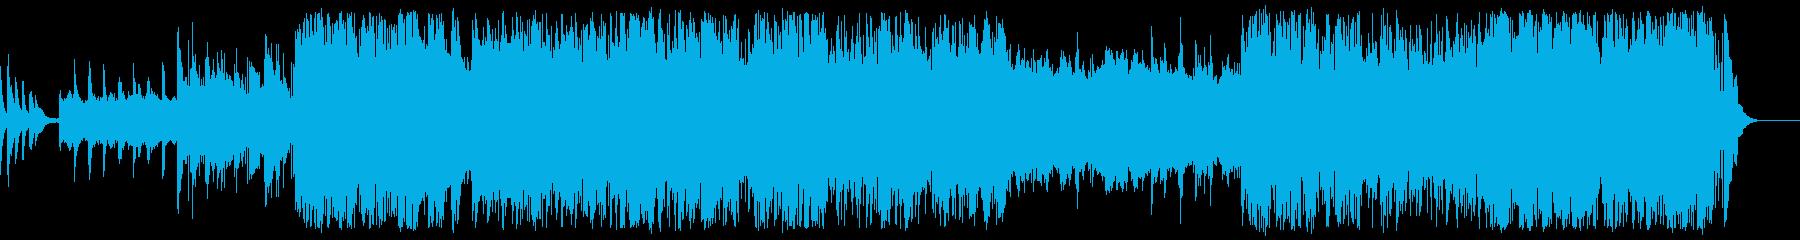 さわやかでちょっと切ないメロディの再生済みの波形